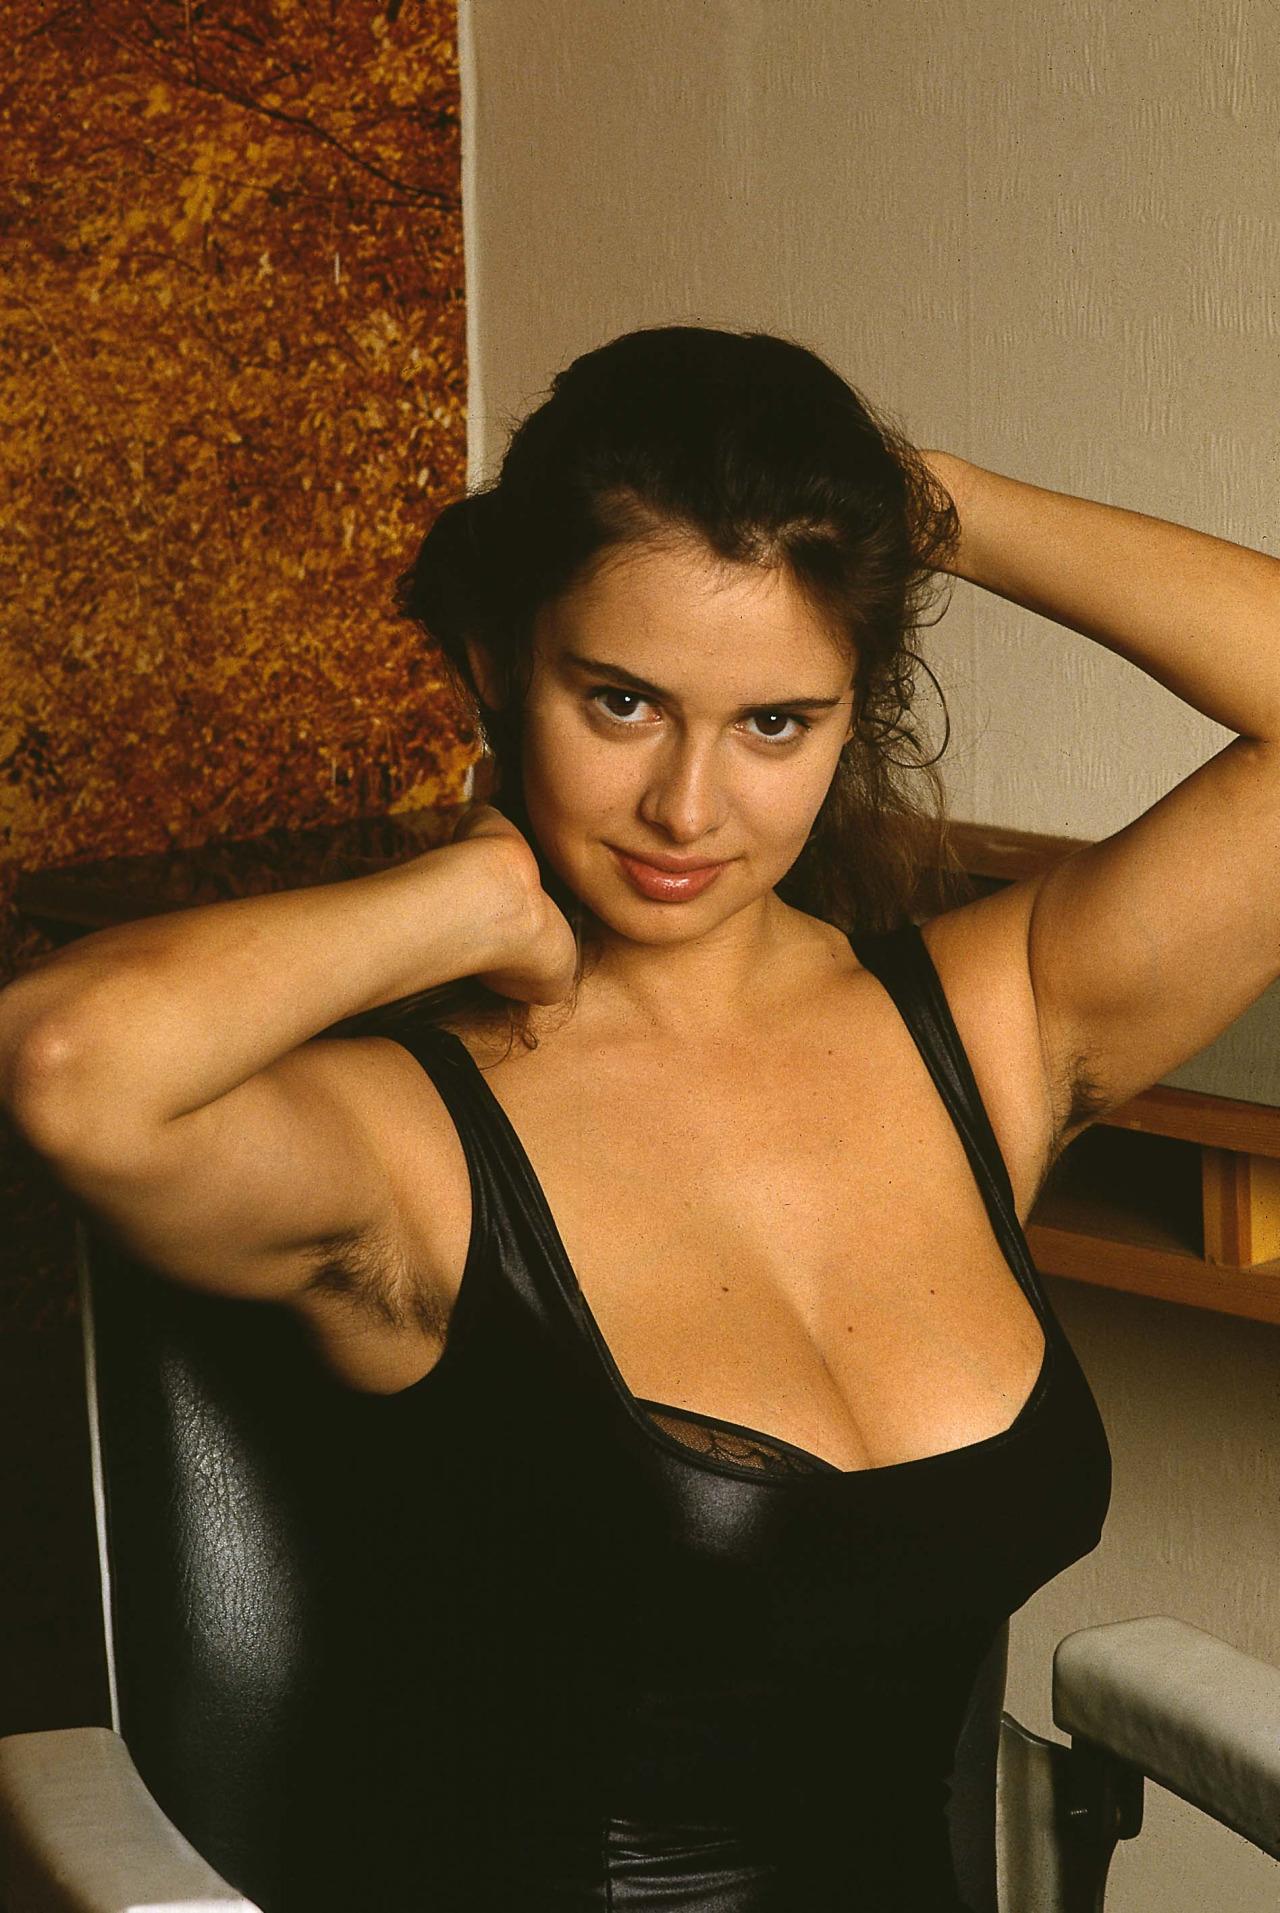 Debora Caprioglio (born 1968) nude (34 fotos) Video, Snapchat, panties